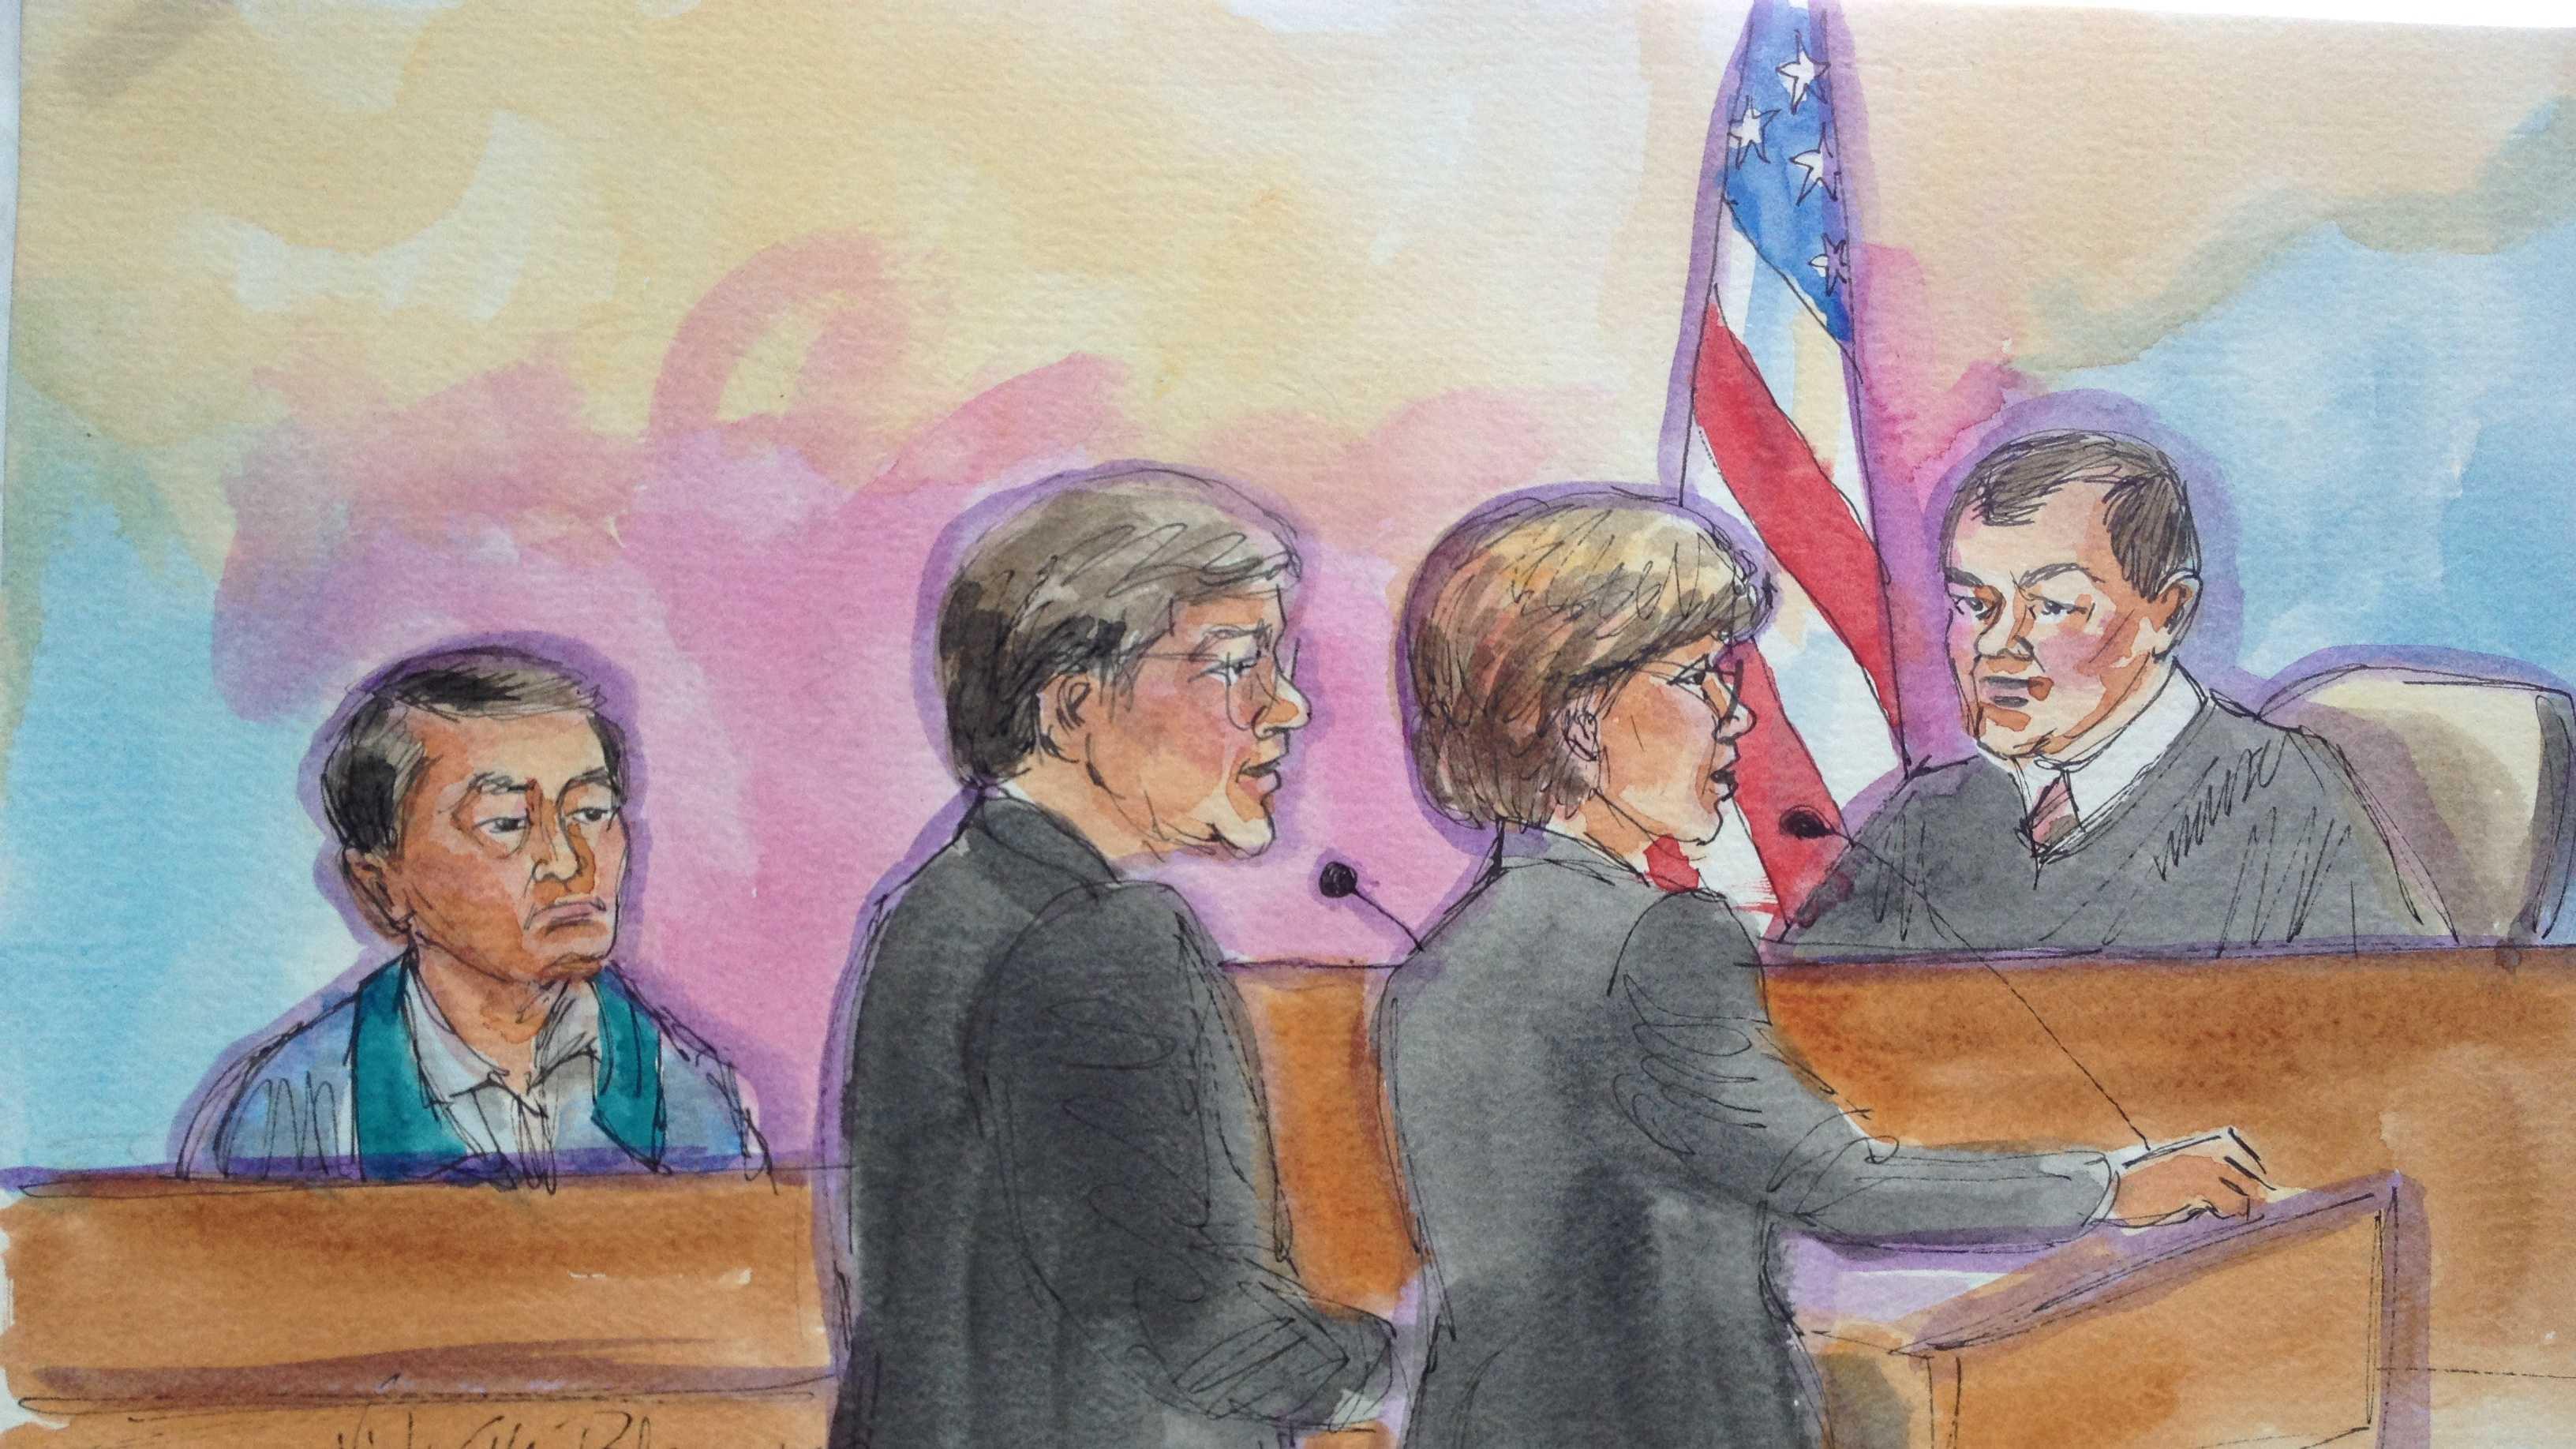 Sen Yee in court